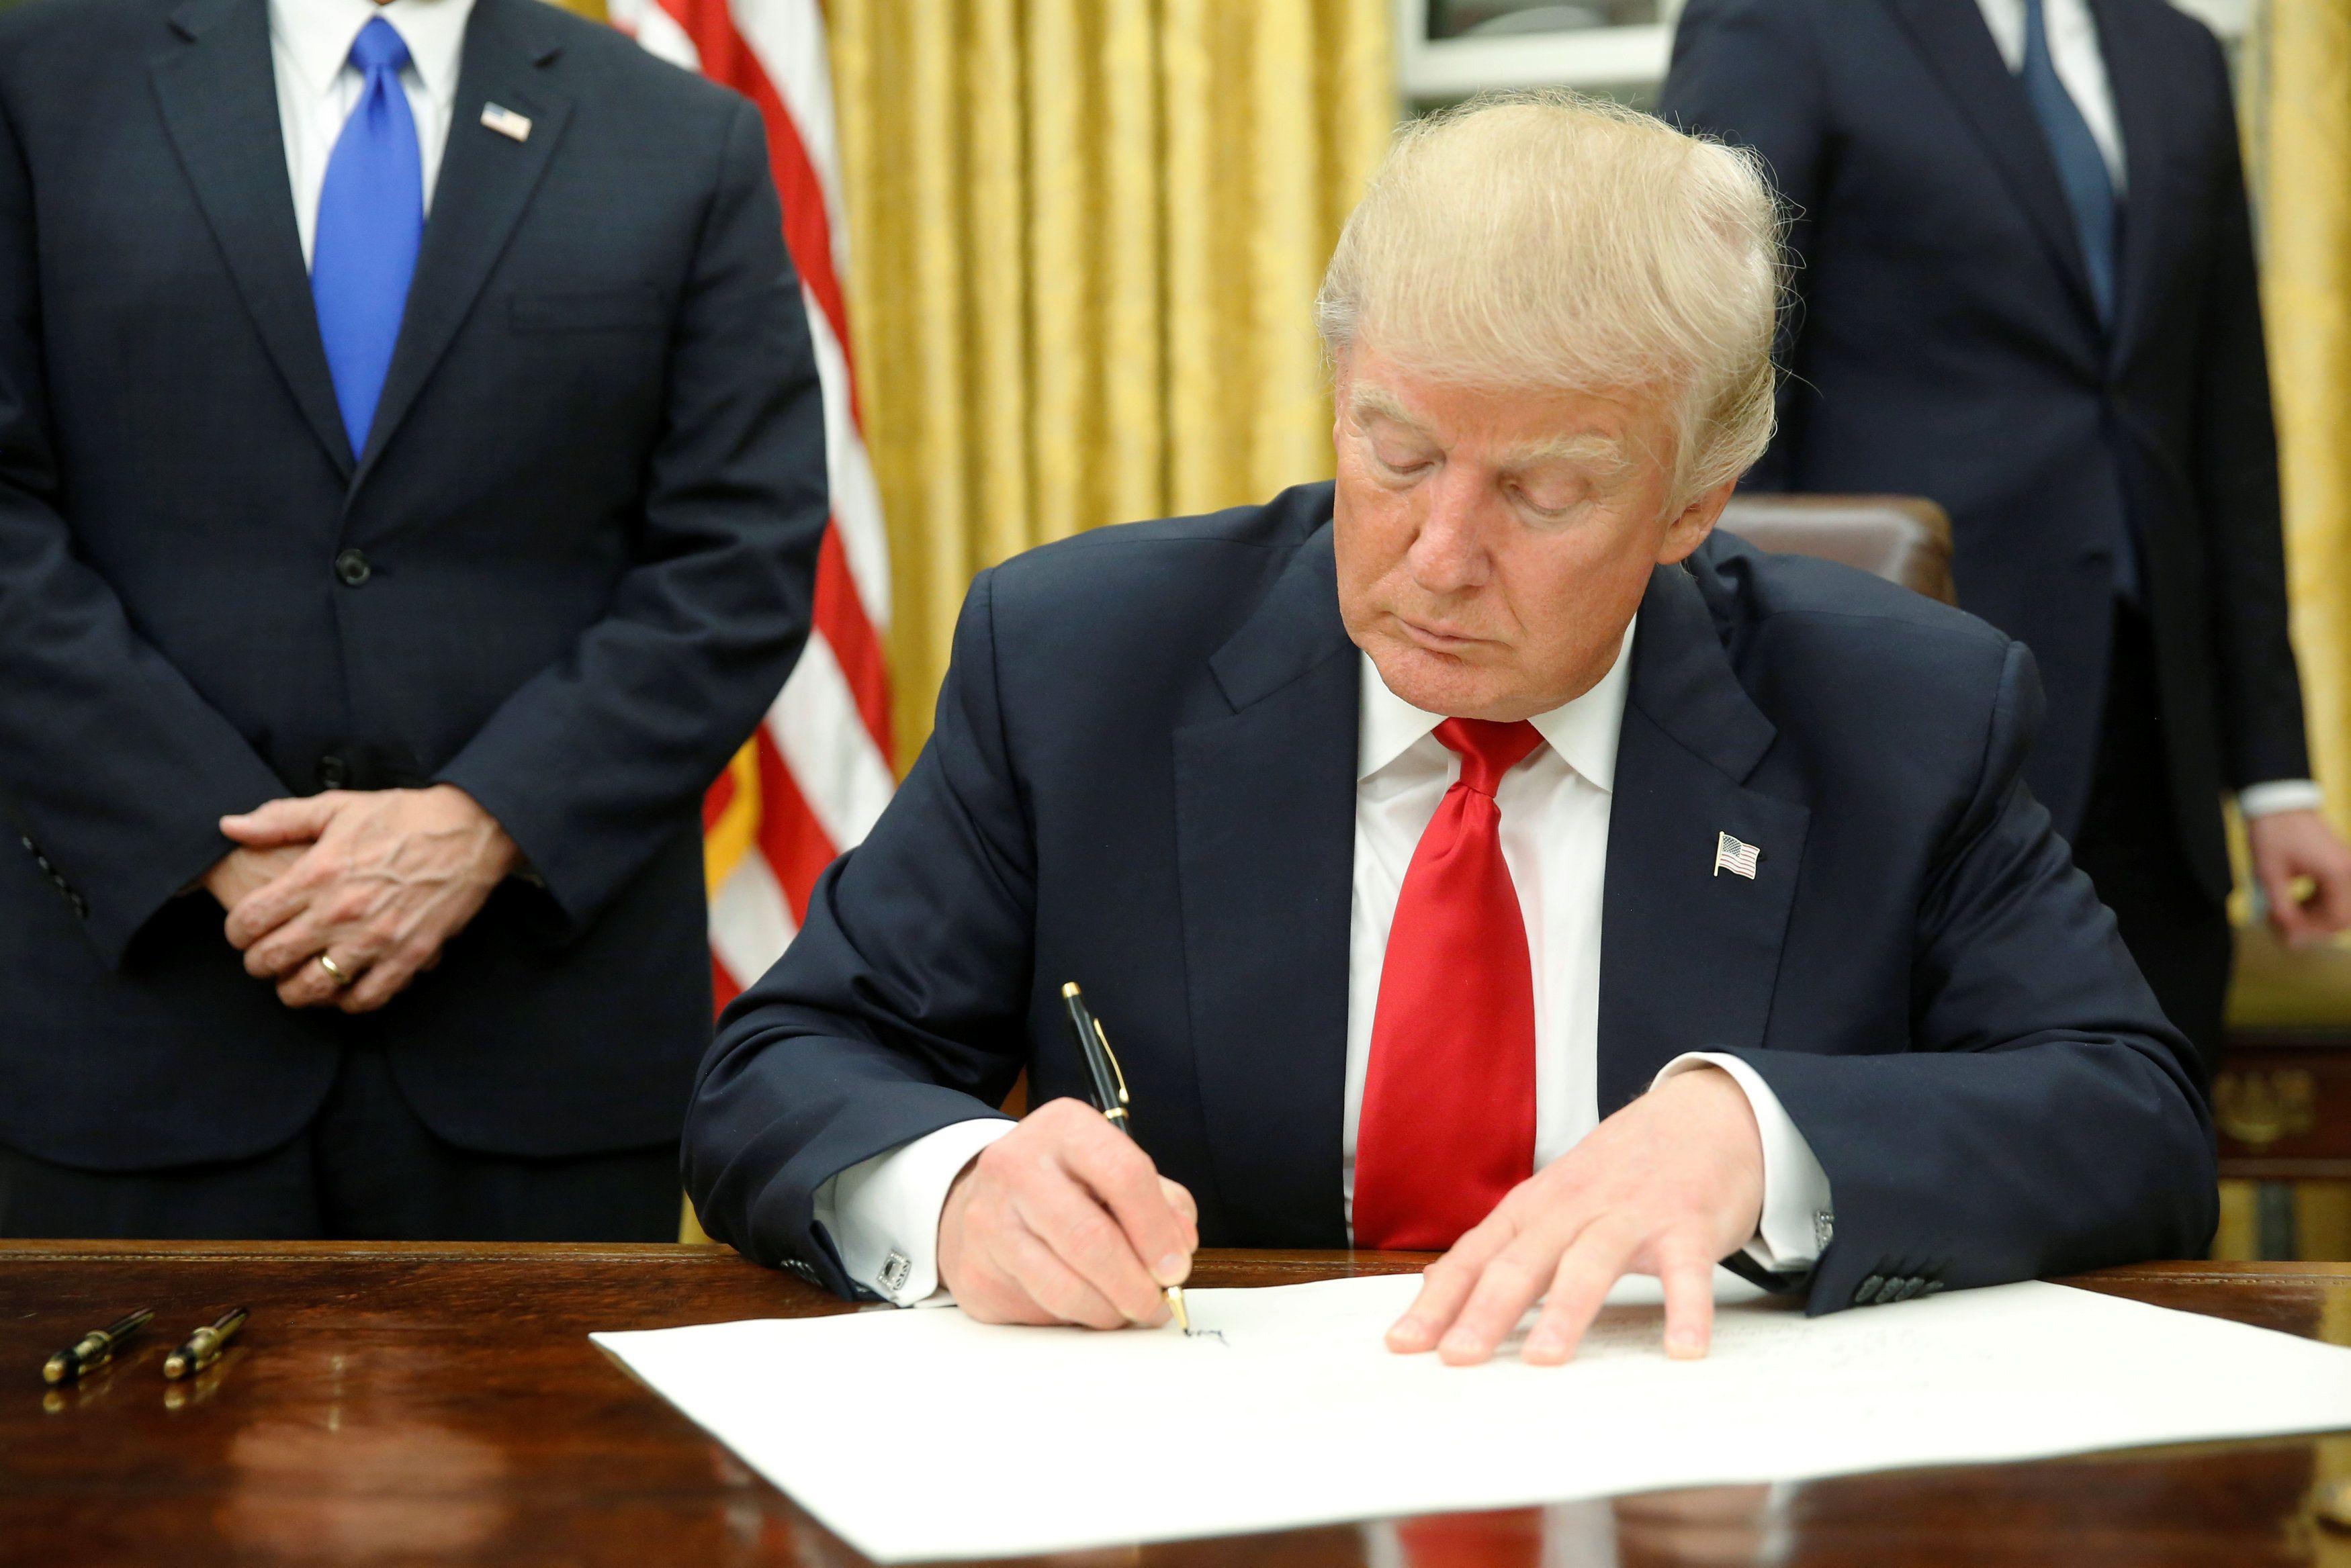 Дональд Трамп подписывает первый указ